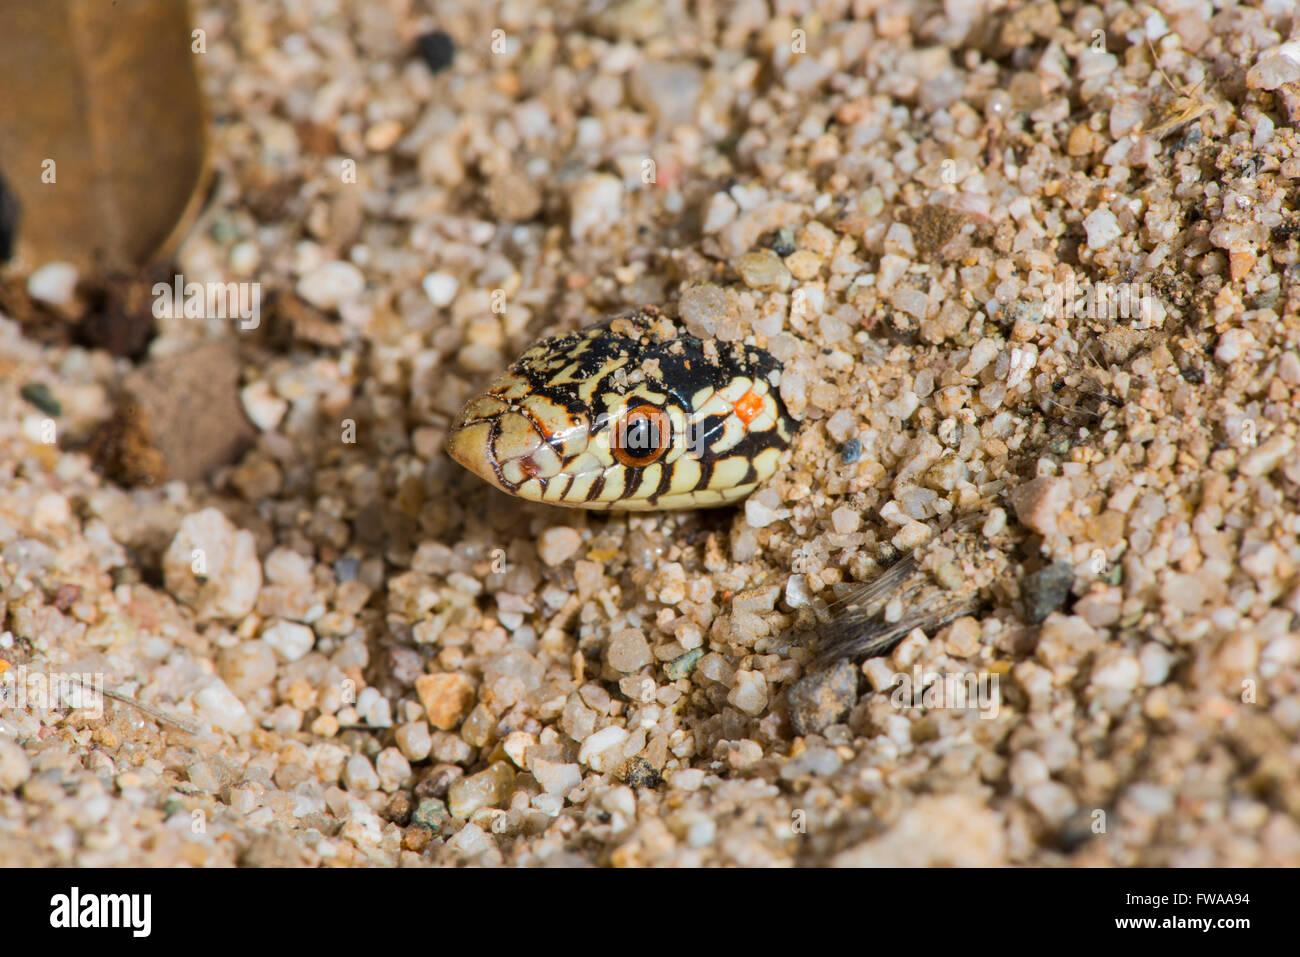 Longue Couleuvre Rhinocheilus lecontei Tucson, comté de Pima, Arizona, United States 12 août Colubridés Photo Stock